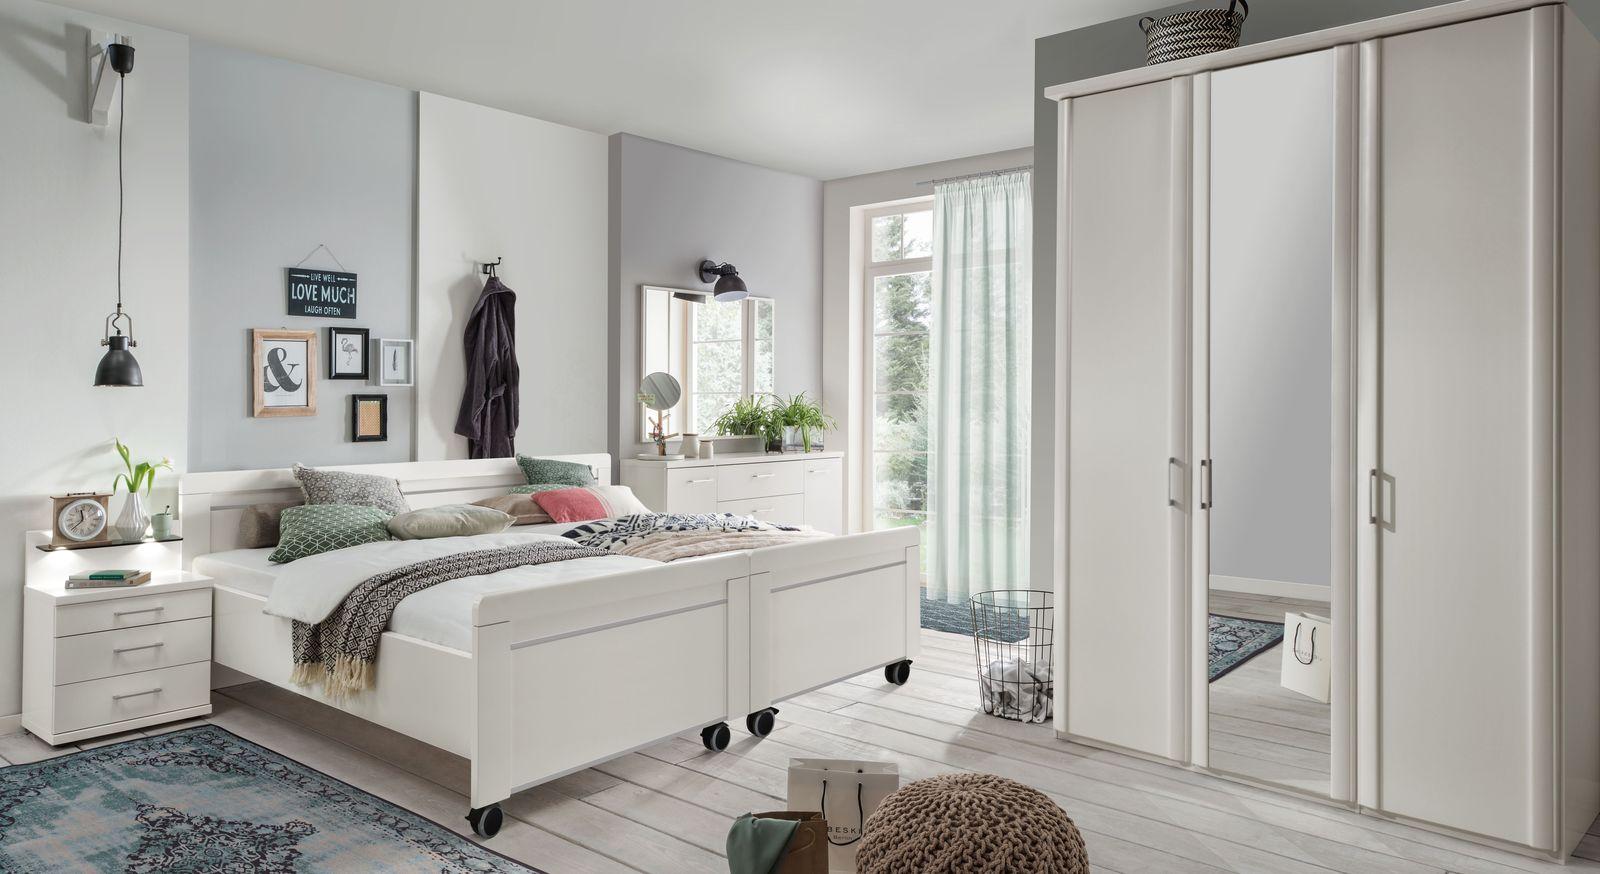 Senioren-Doppelbett Calimera mit passenden Schlafzimmermöbeln